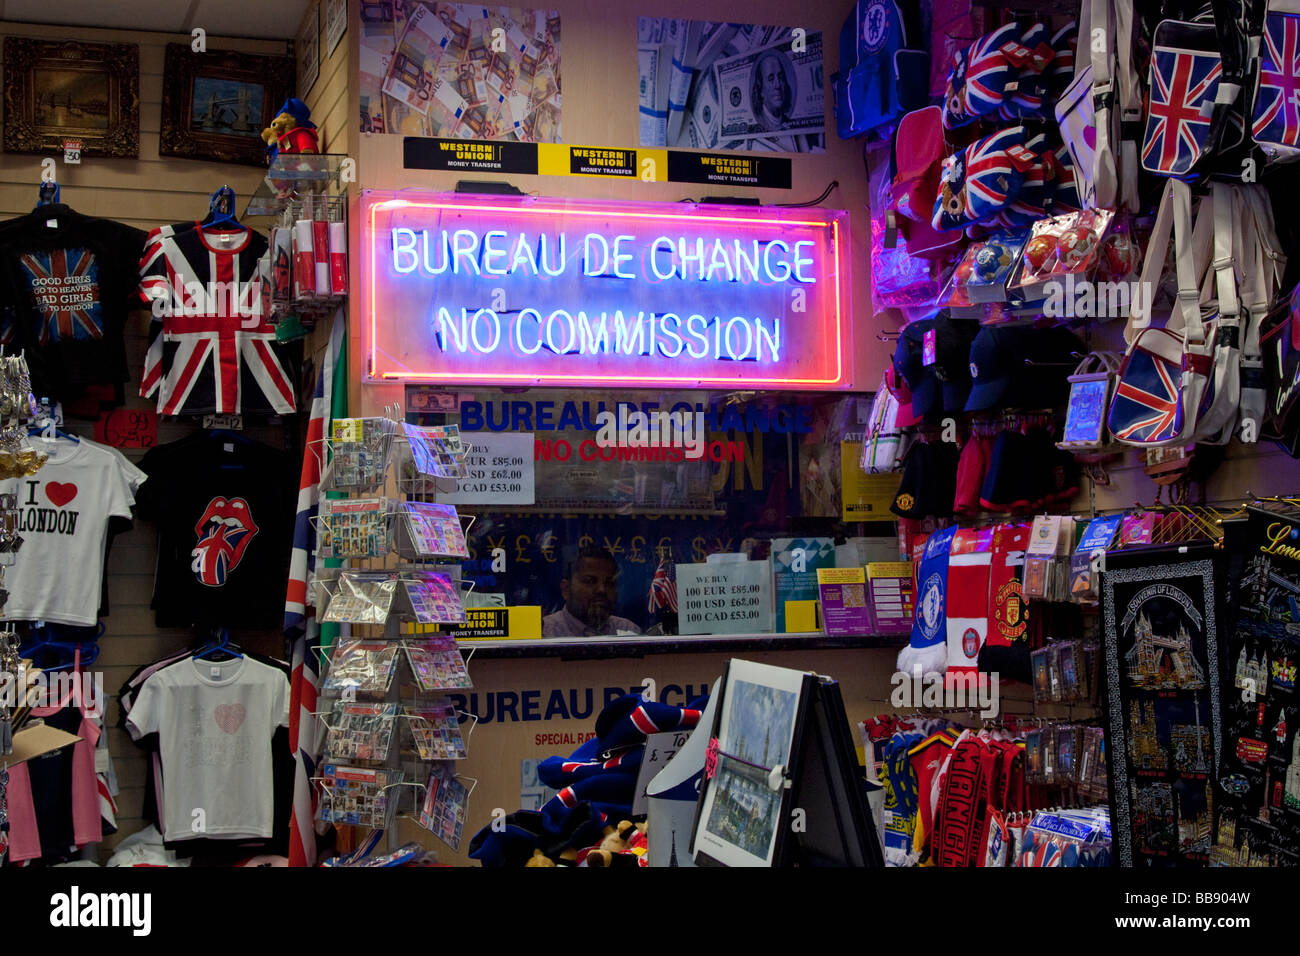 Bureau De Change in tourist Souvenirs & gift shop Westminster ...